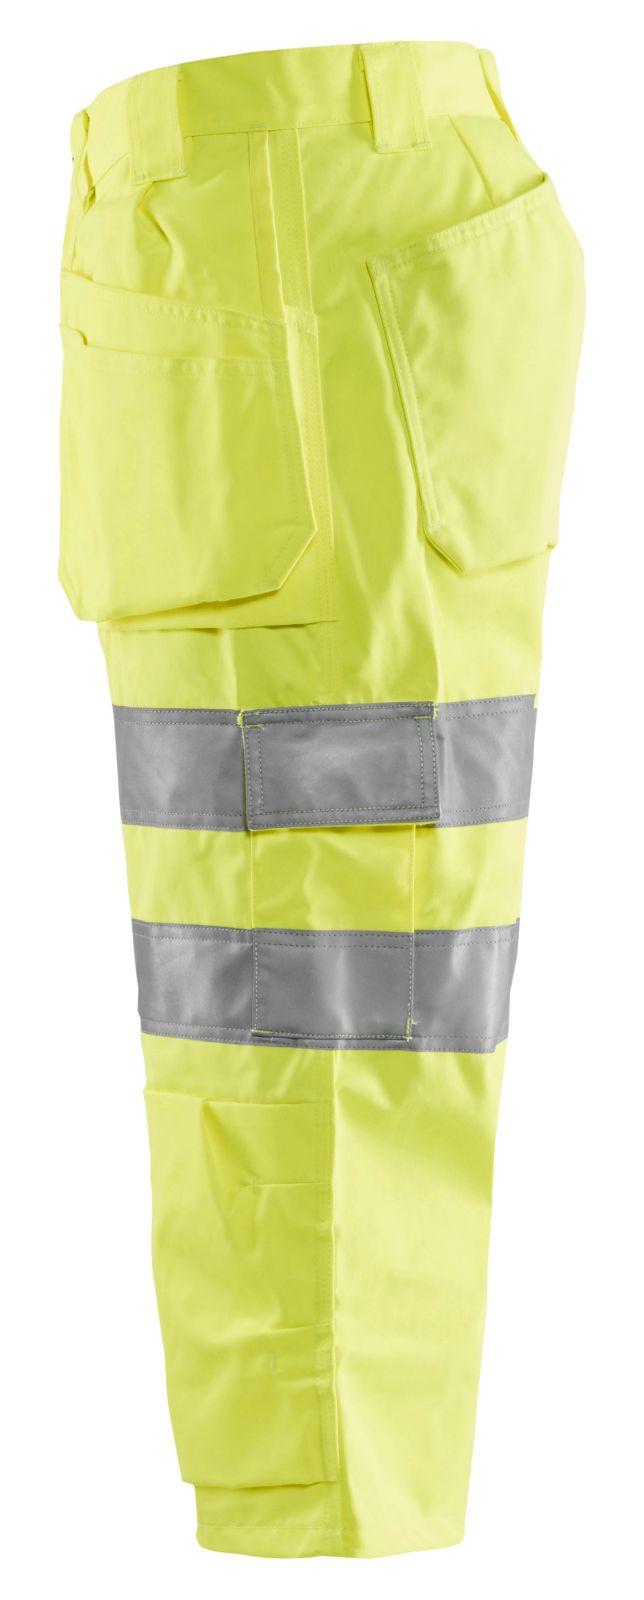 Blaklader Piraatbroeken 15391804 High Vis geel(3300)